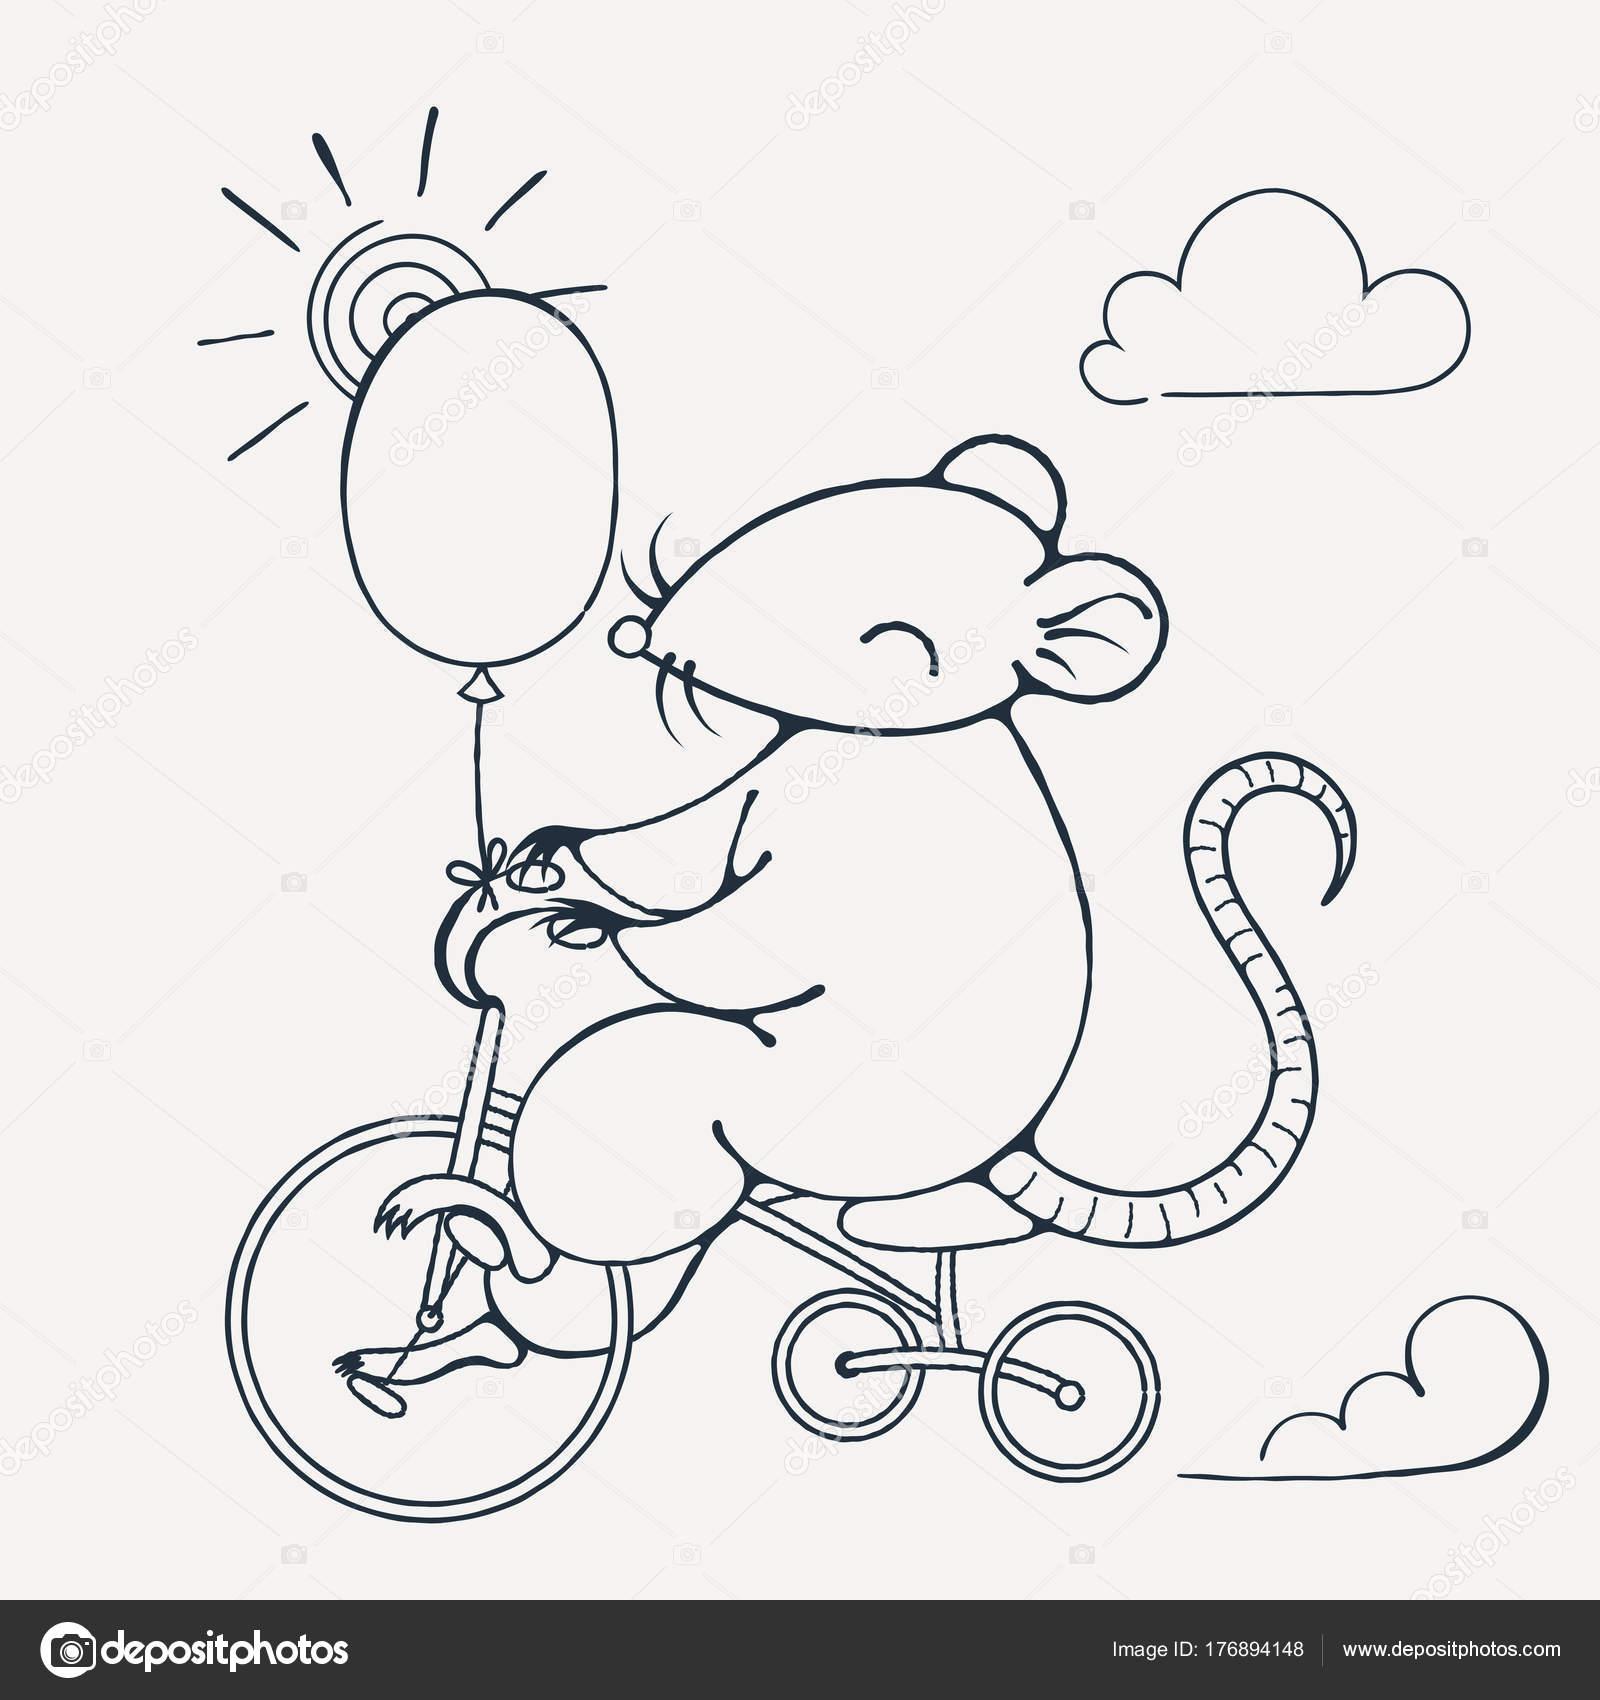 Illustratie Met Een Vrolijke Rat Op Een Fiets Met Ballon Kleurplaat